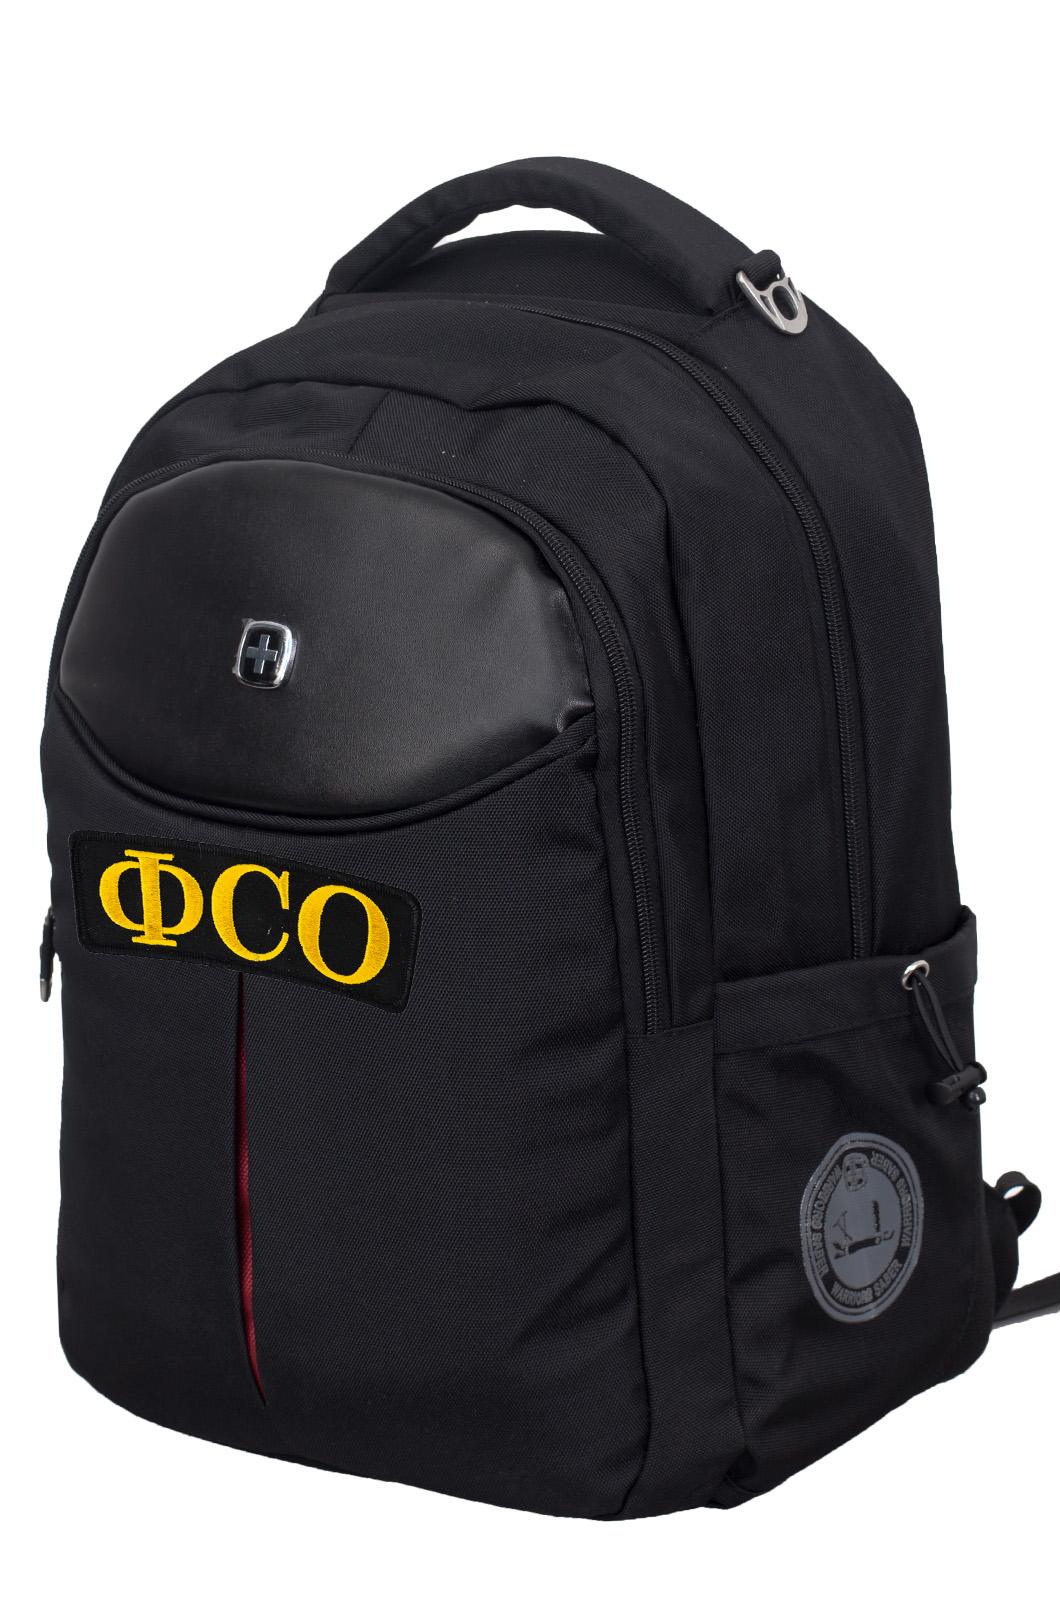 Черный универсальный рюкзак ФСО - купить выгодно